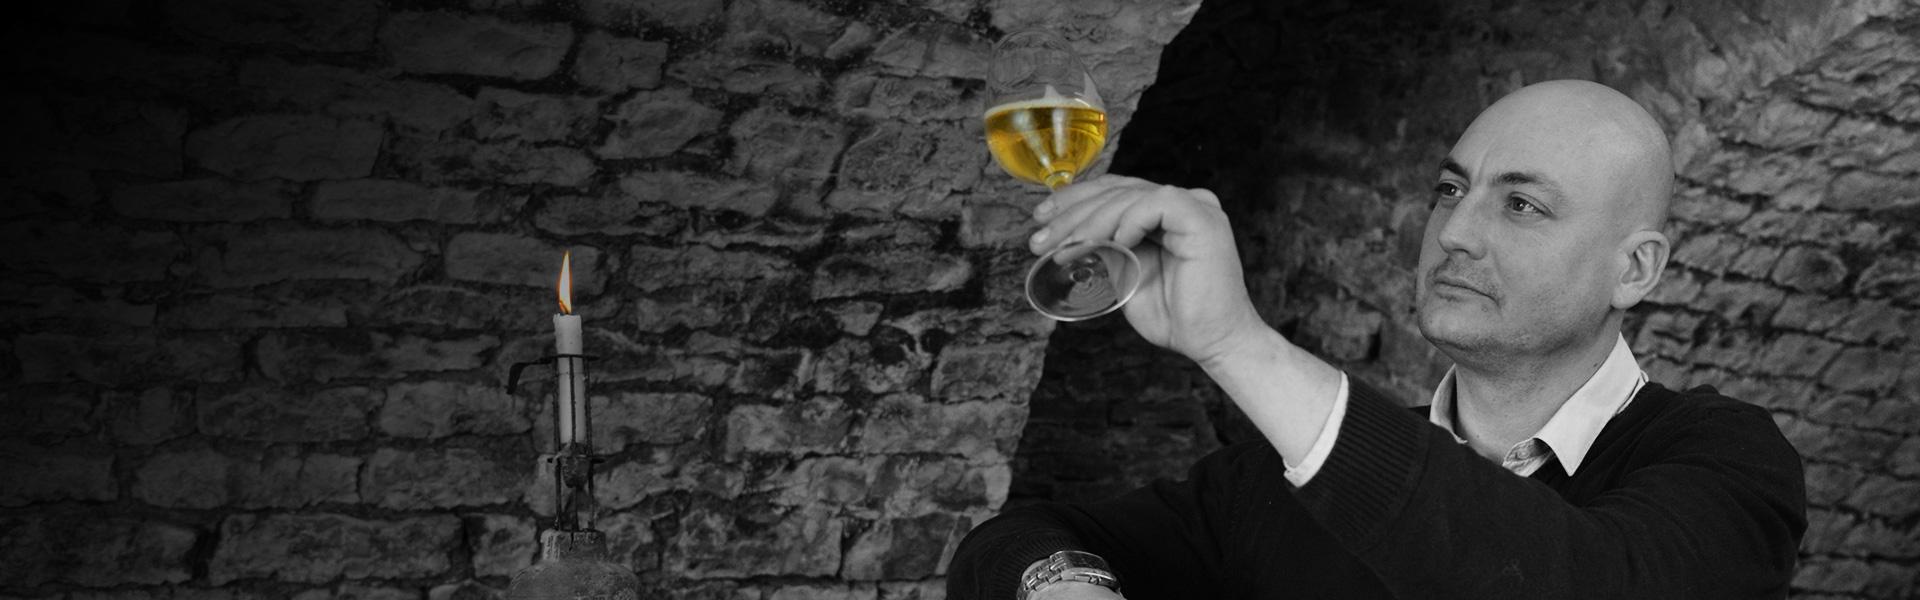 champagne-dautel-cadot-notre-histoire-visuel-bandeau-1